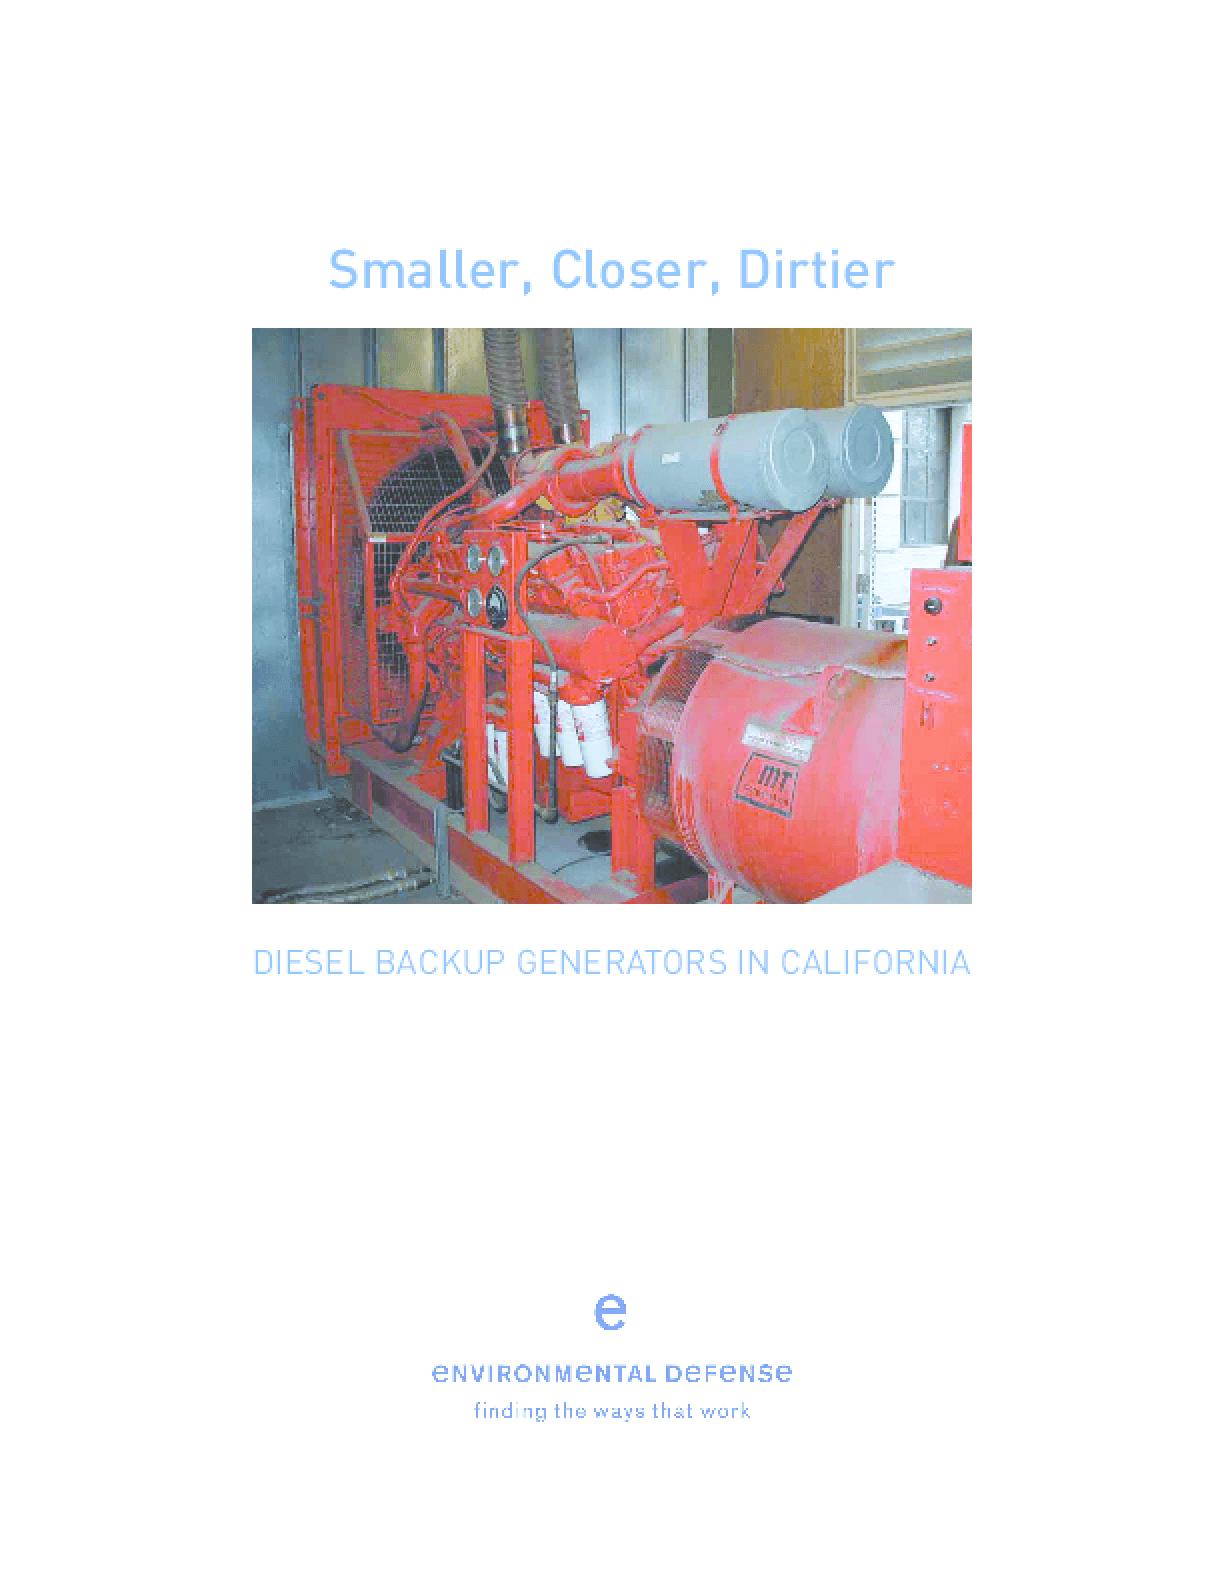 Smaller, Closer, Dirtier: Diesel Backup Generators in California